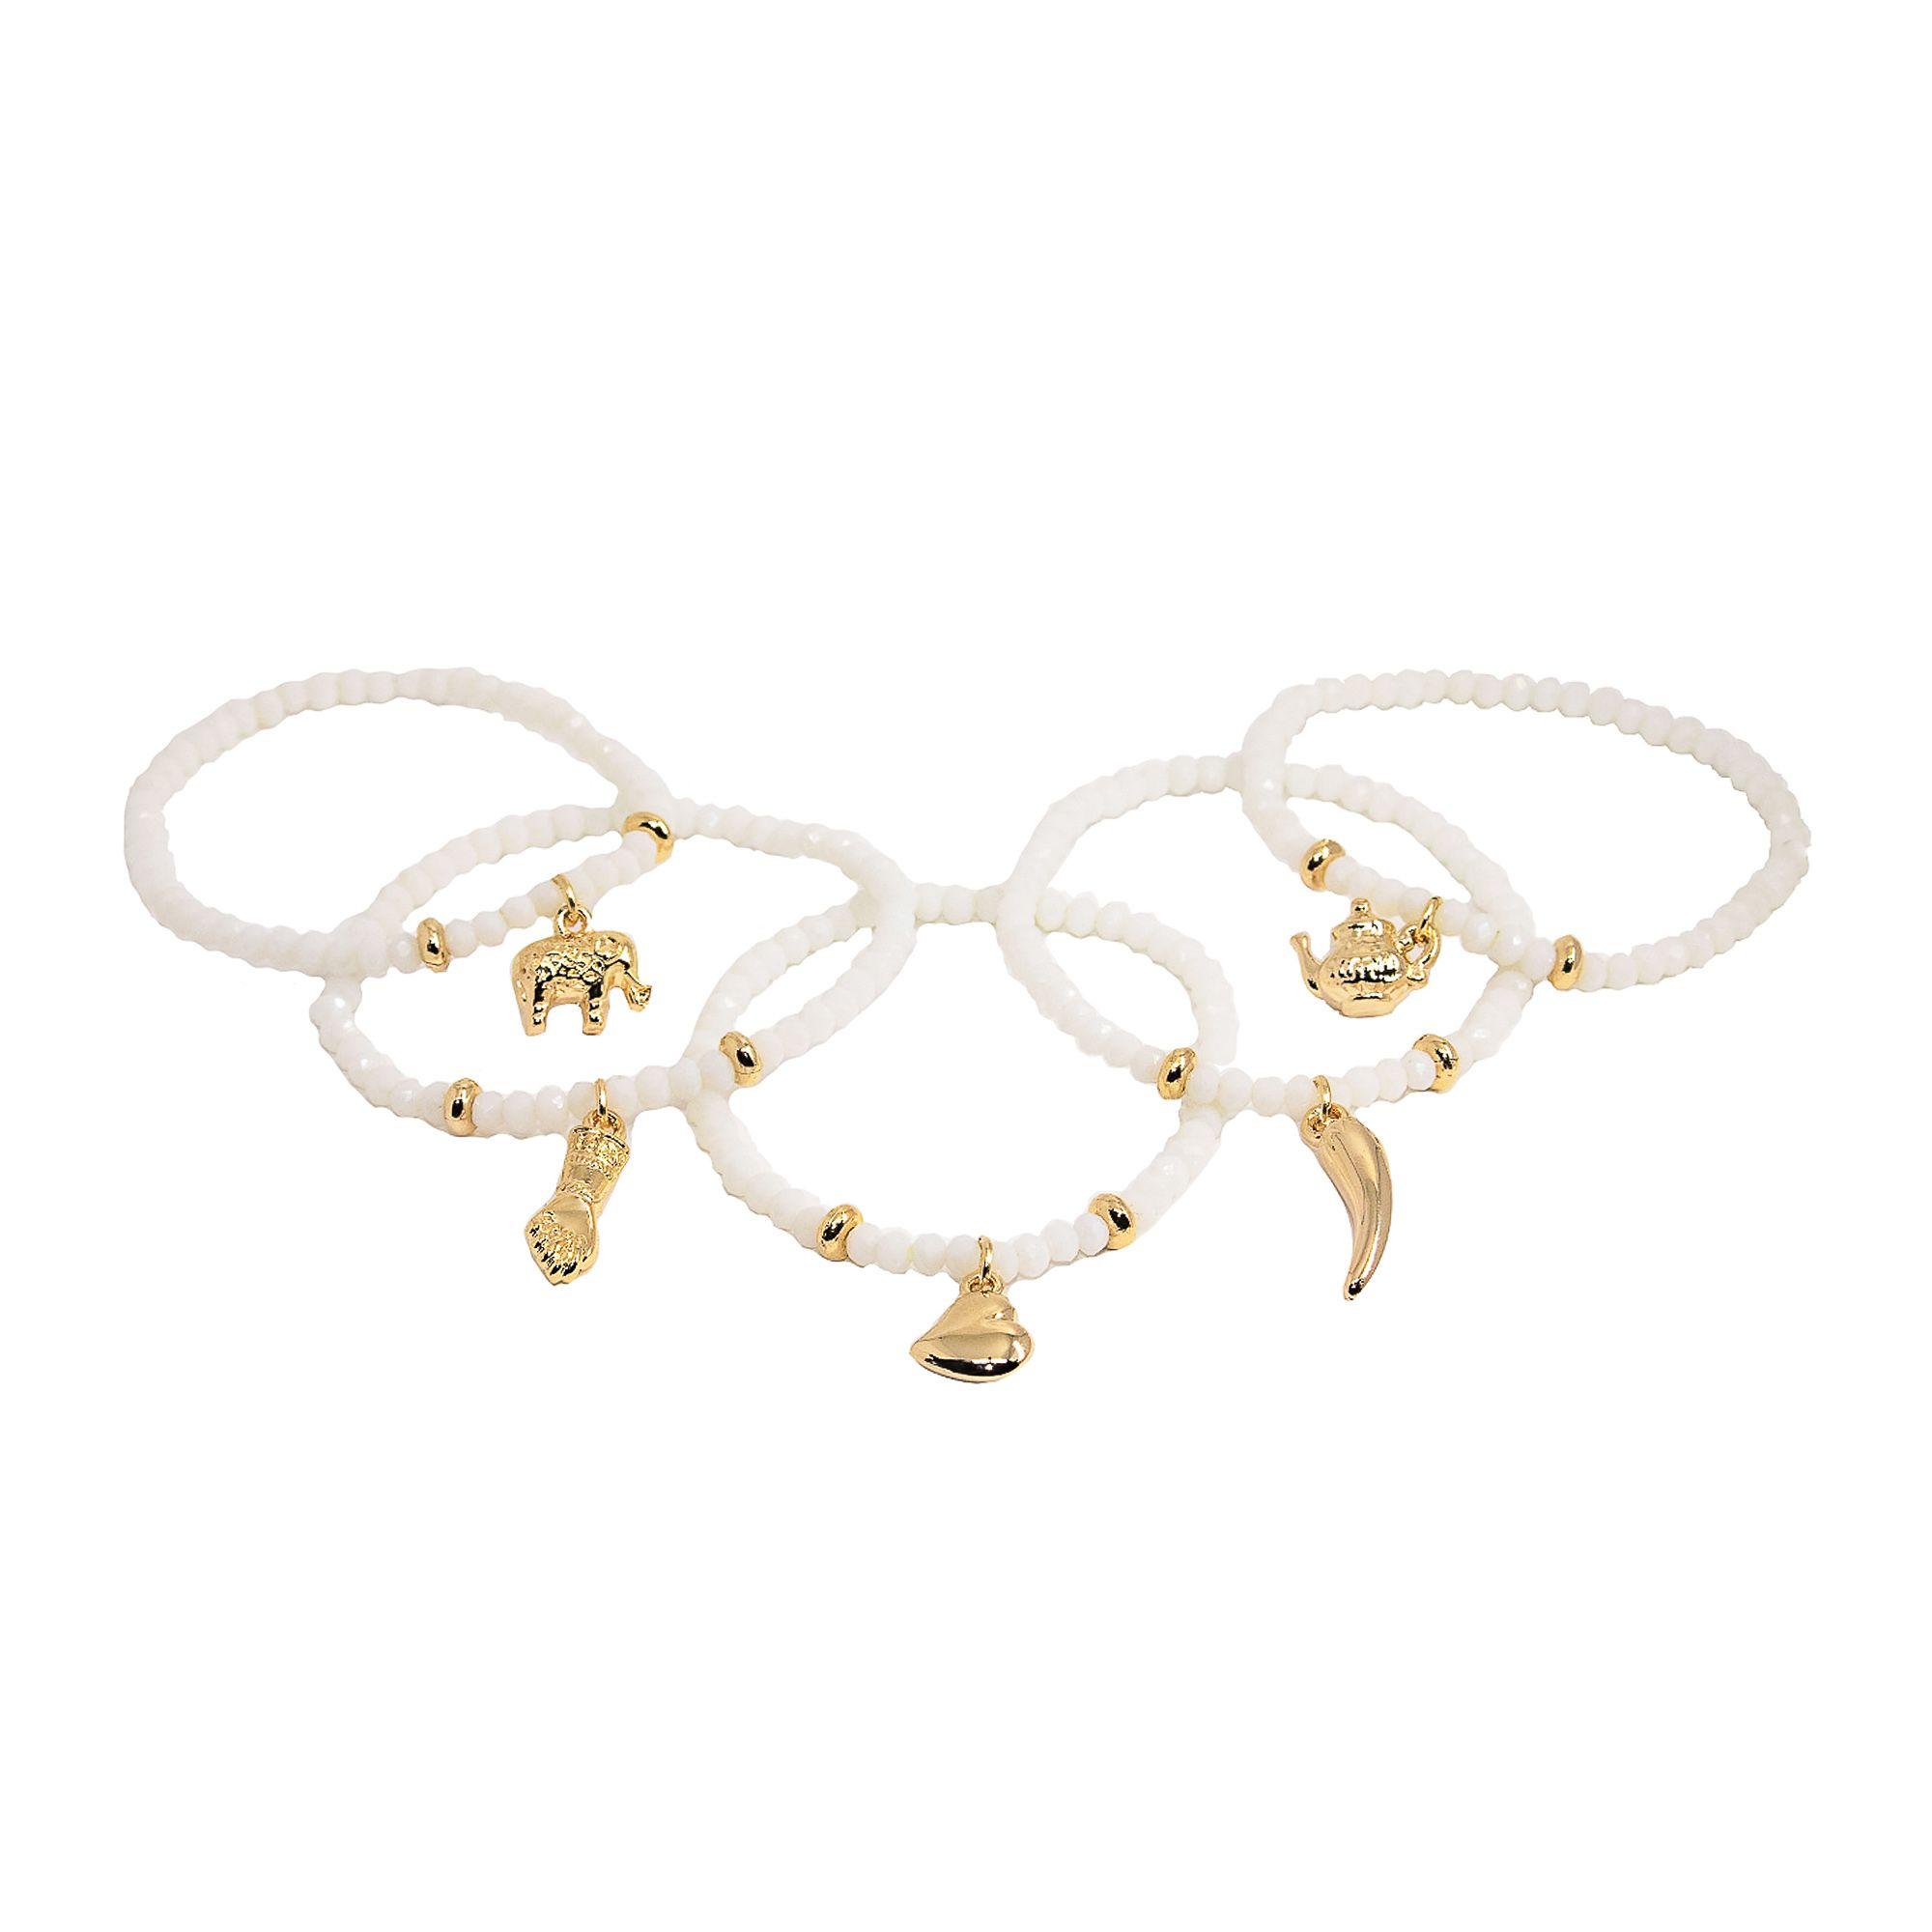 Conjunto de pulseiras cristais 5 fios banhado a ouro 18k ou rhodium